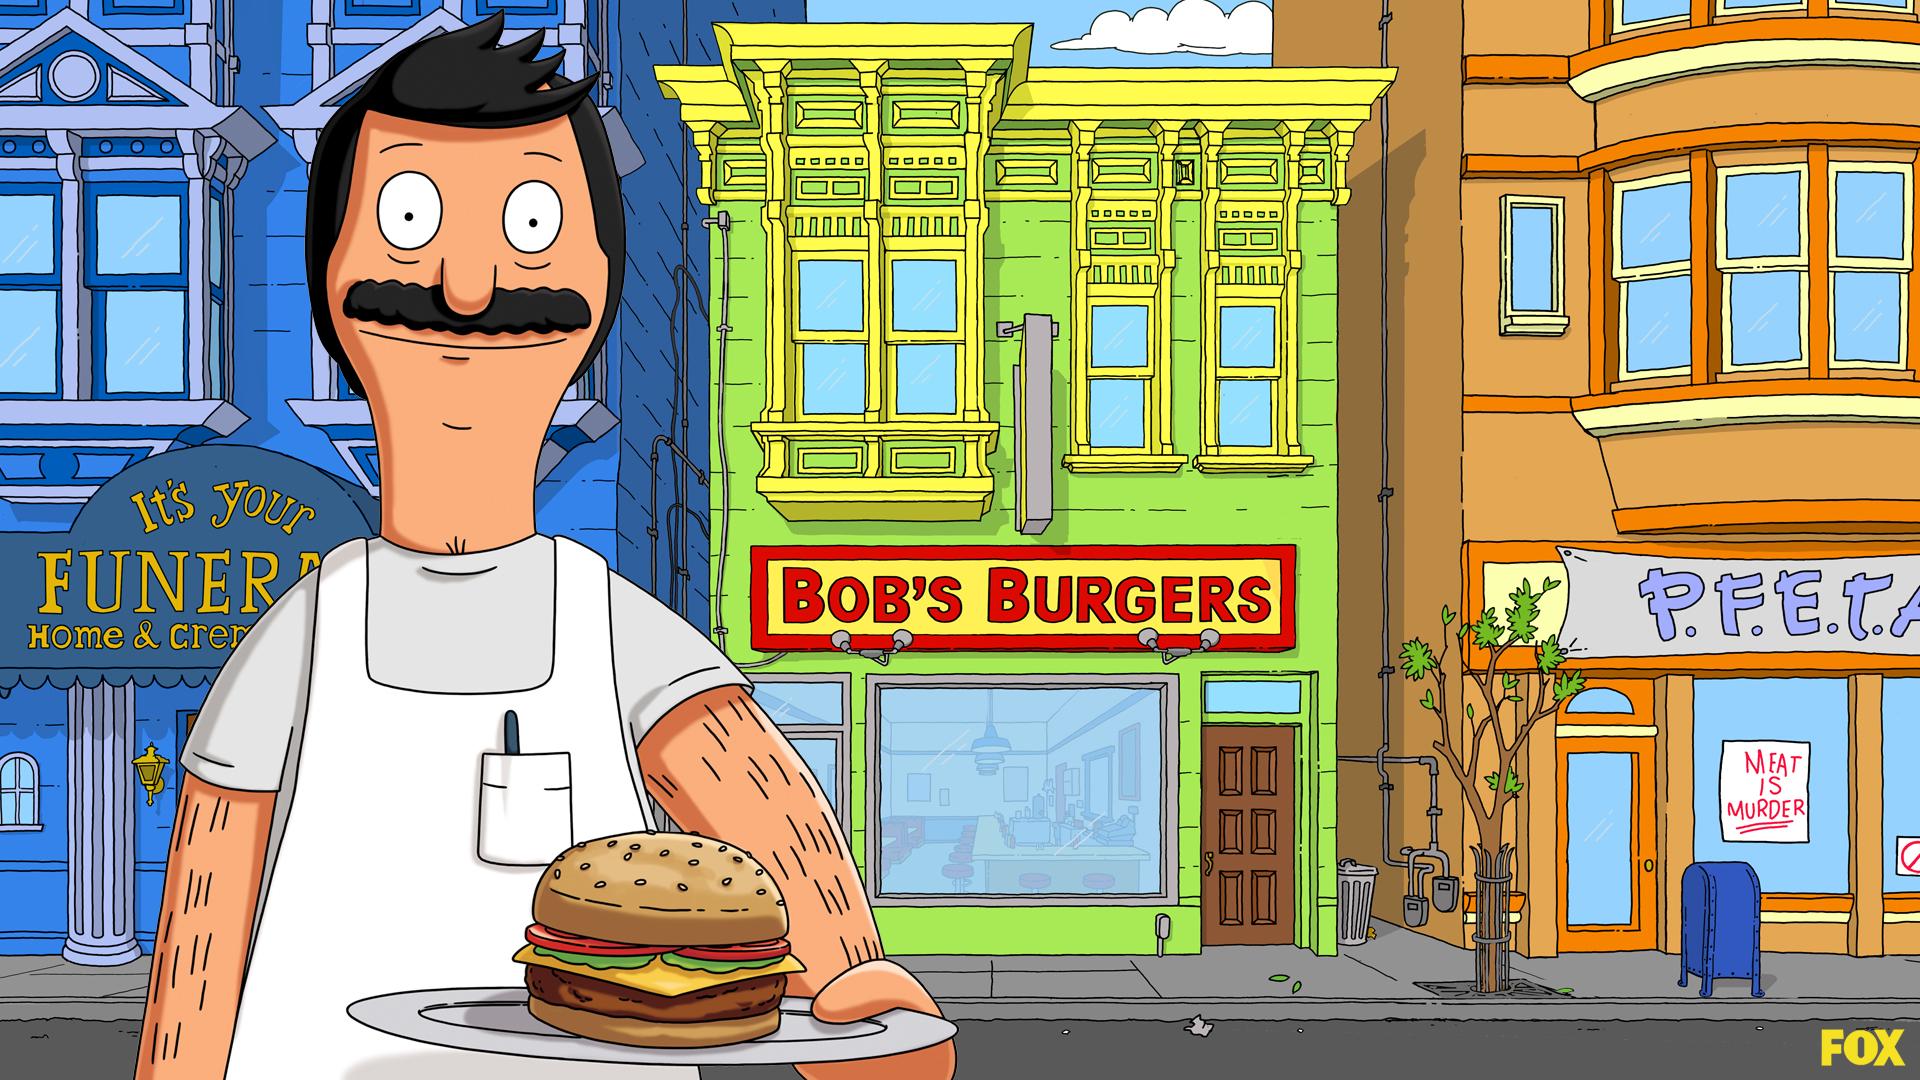 Bobs Burgers wallpaper 1